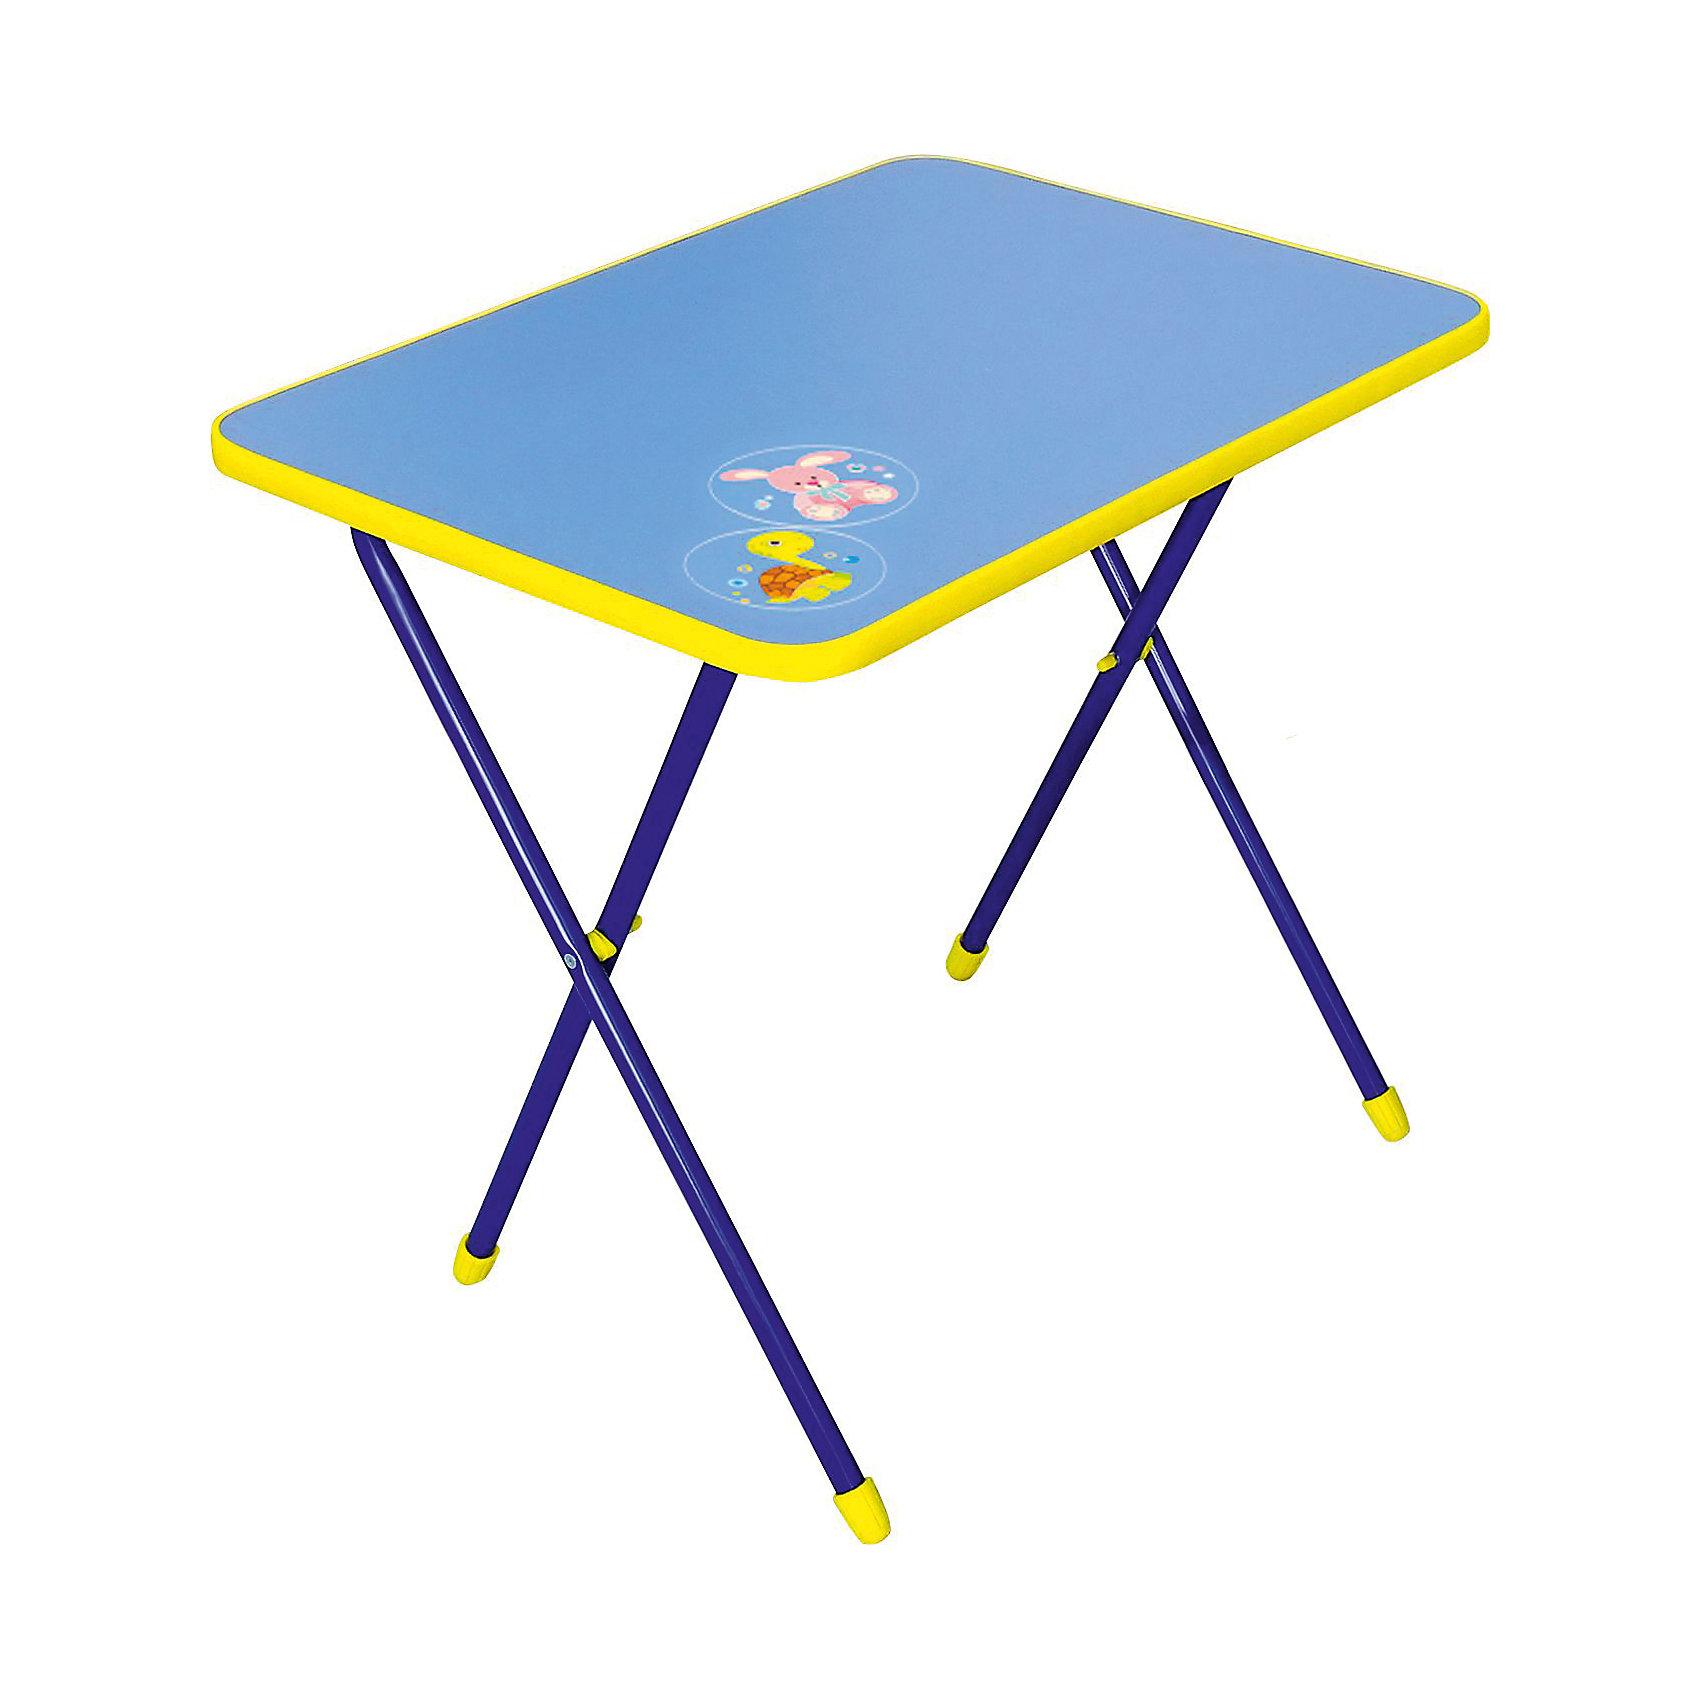 Ника Складной стол СА1. Алина, Ника, синий ника складной стол са1 алина ника красный